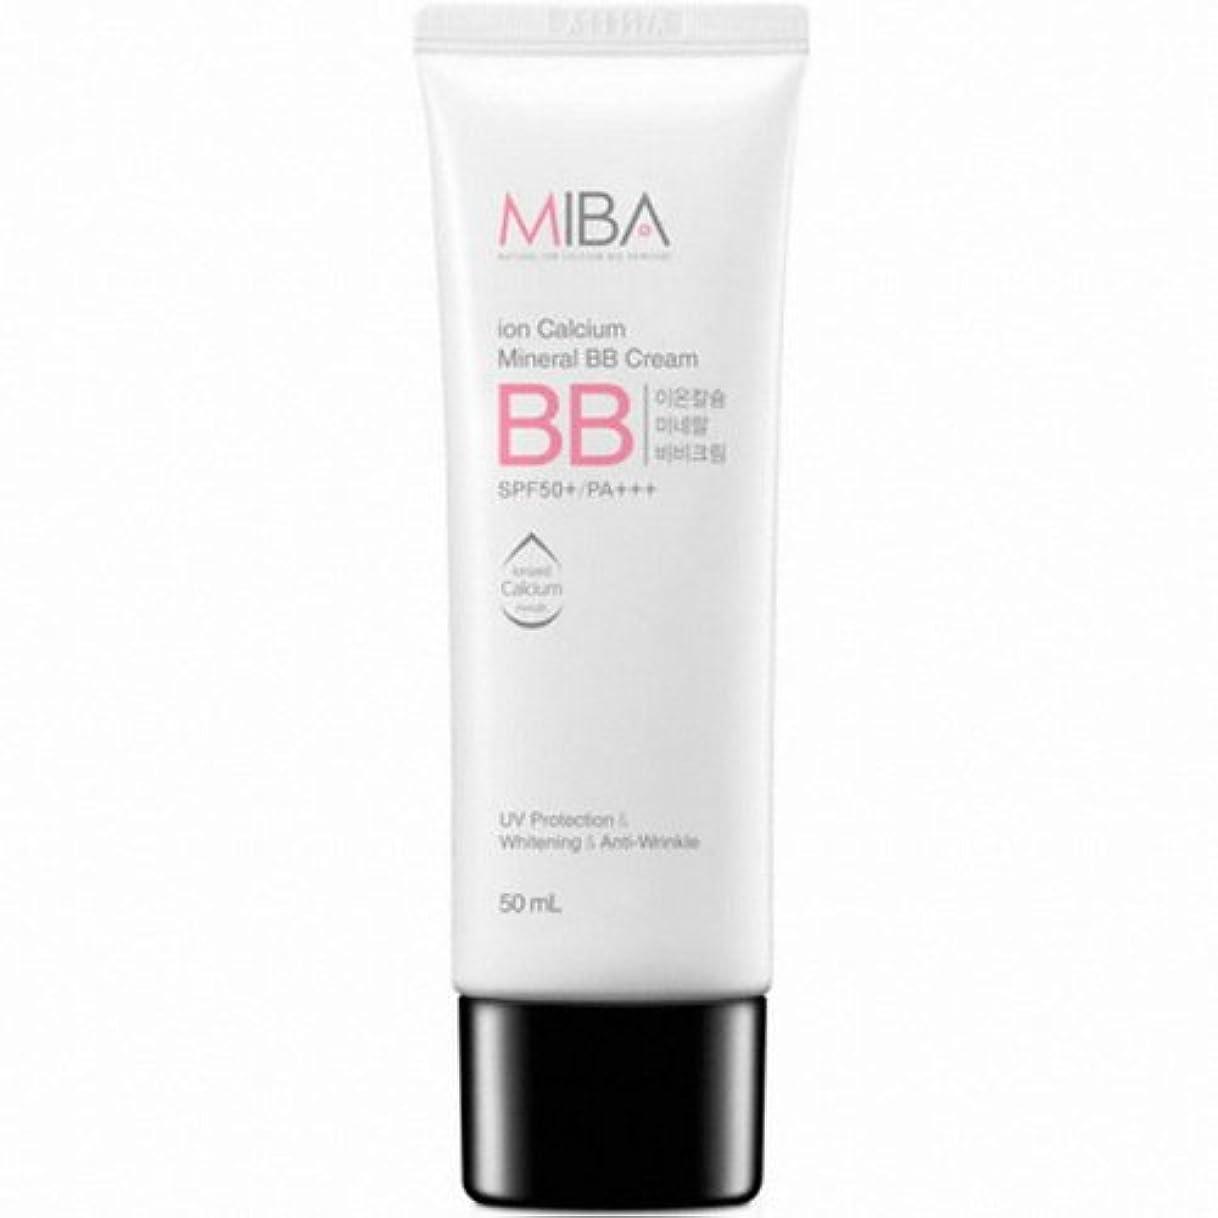 ロケットキャリア四半期MINERALBIO (ミネラルバイオ) ミバ イオン カルシウム ミネラル ビビクリーム / MIBA Ion Calcium Mineral BB Cream (50ml) [並行輸入品]